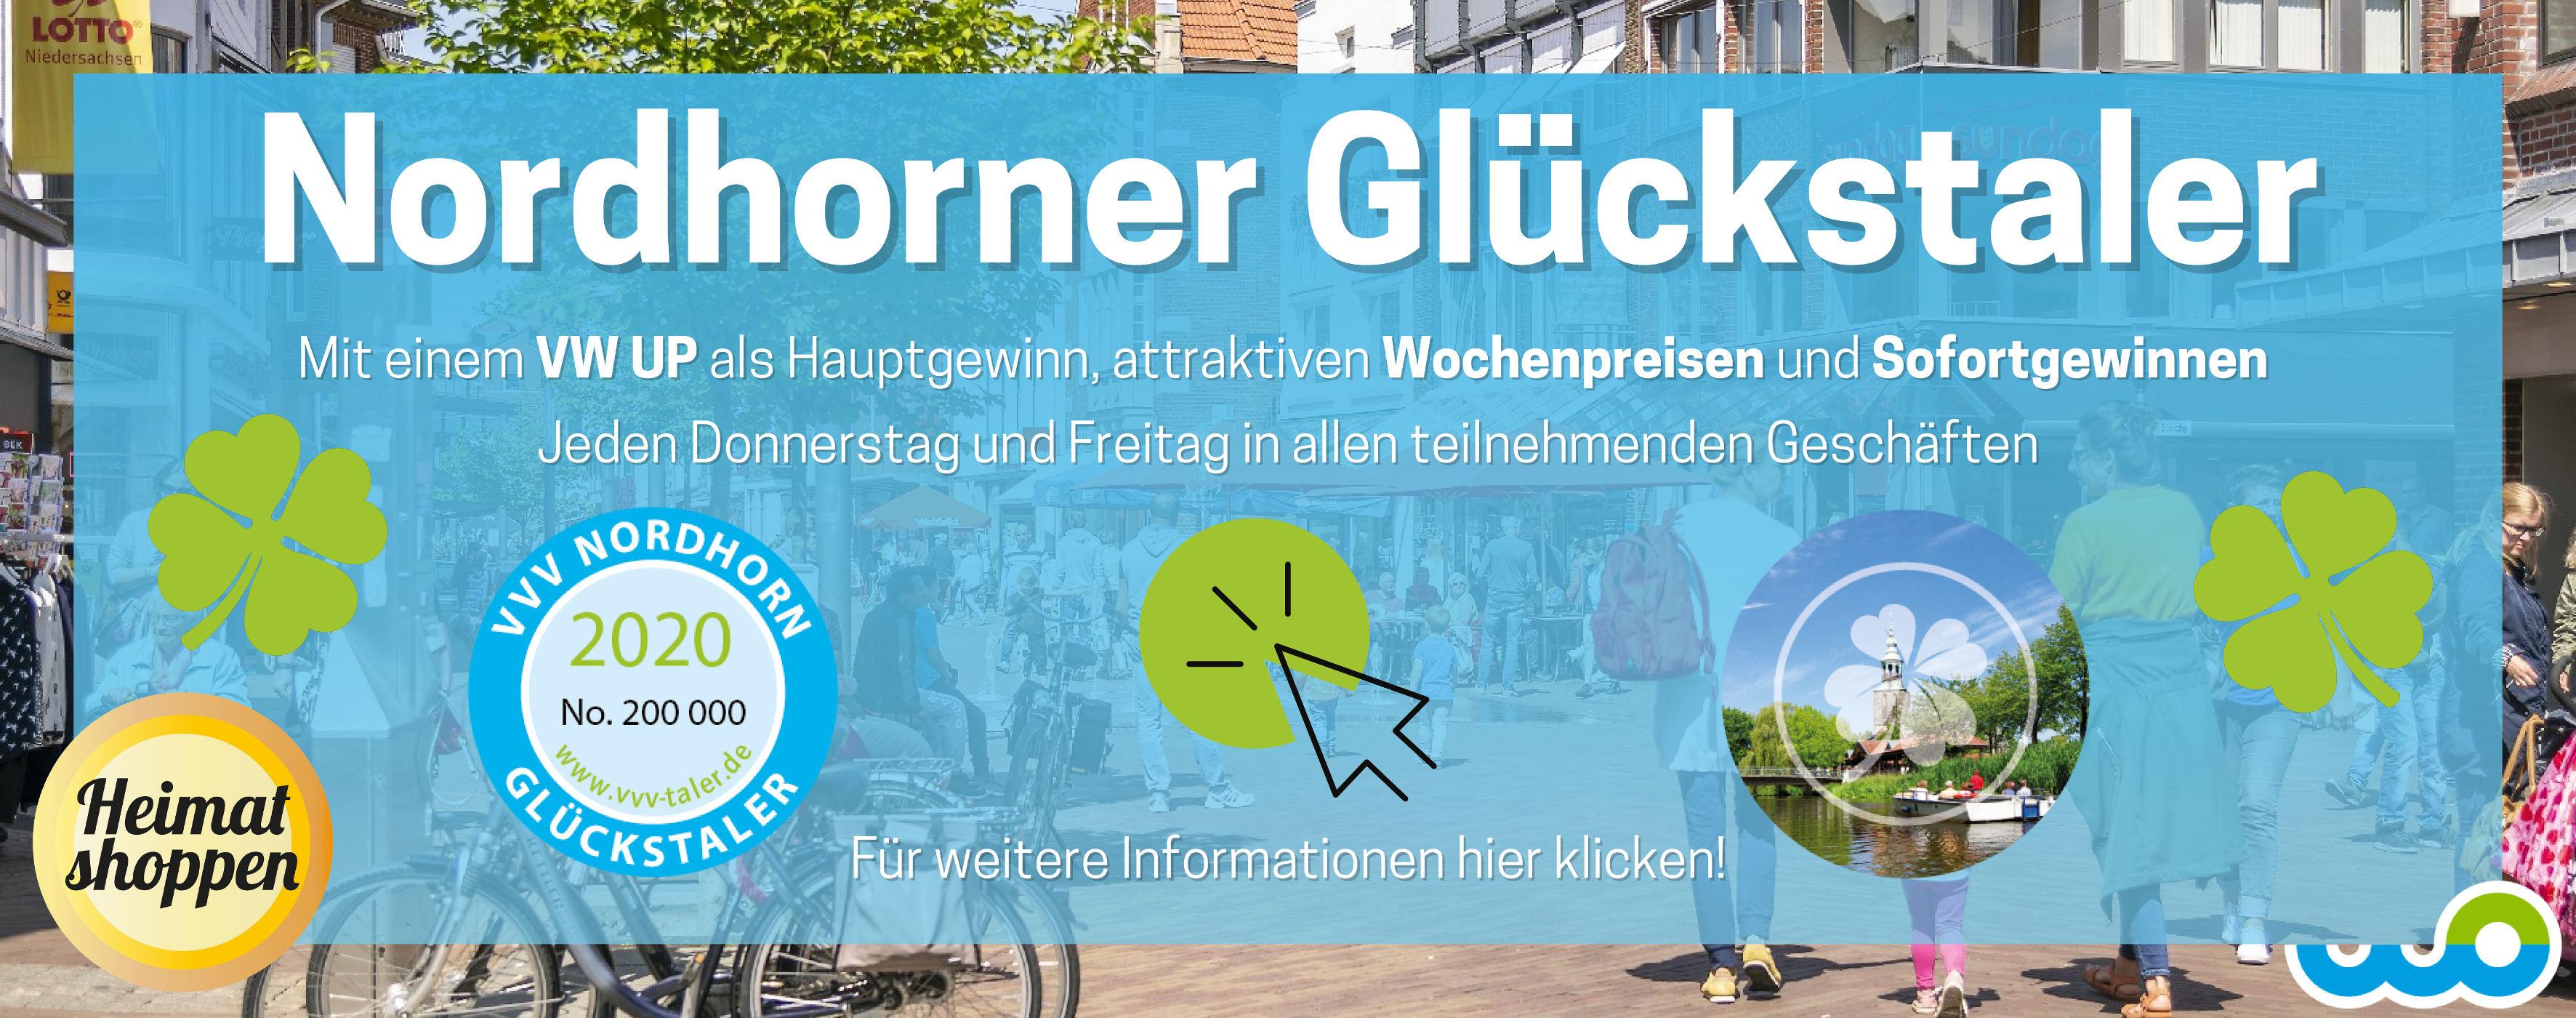 Nordhorner Glückstaler 2020